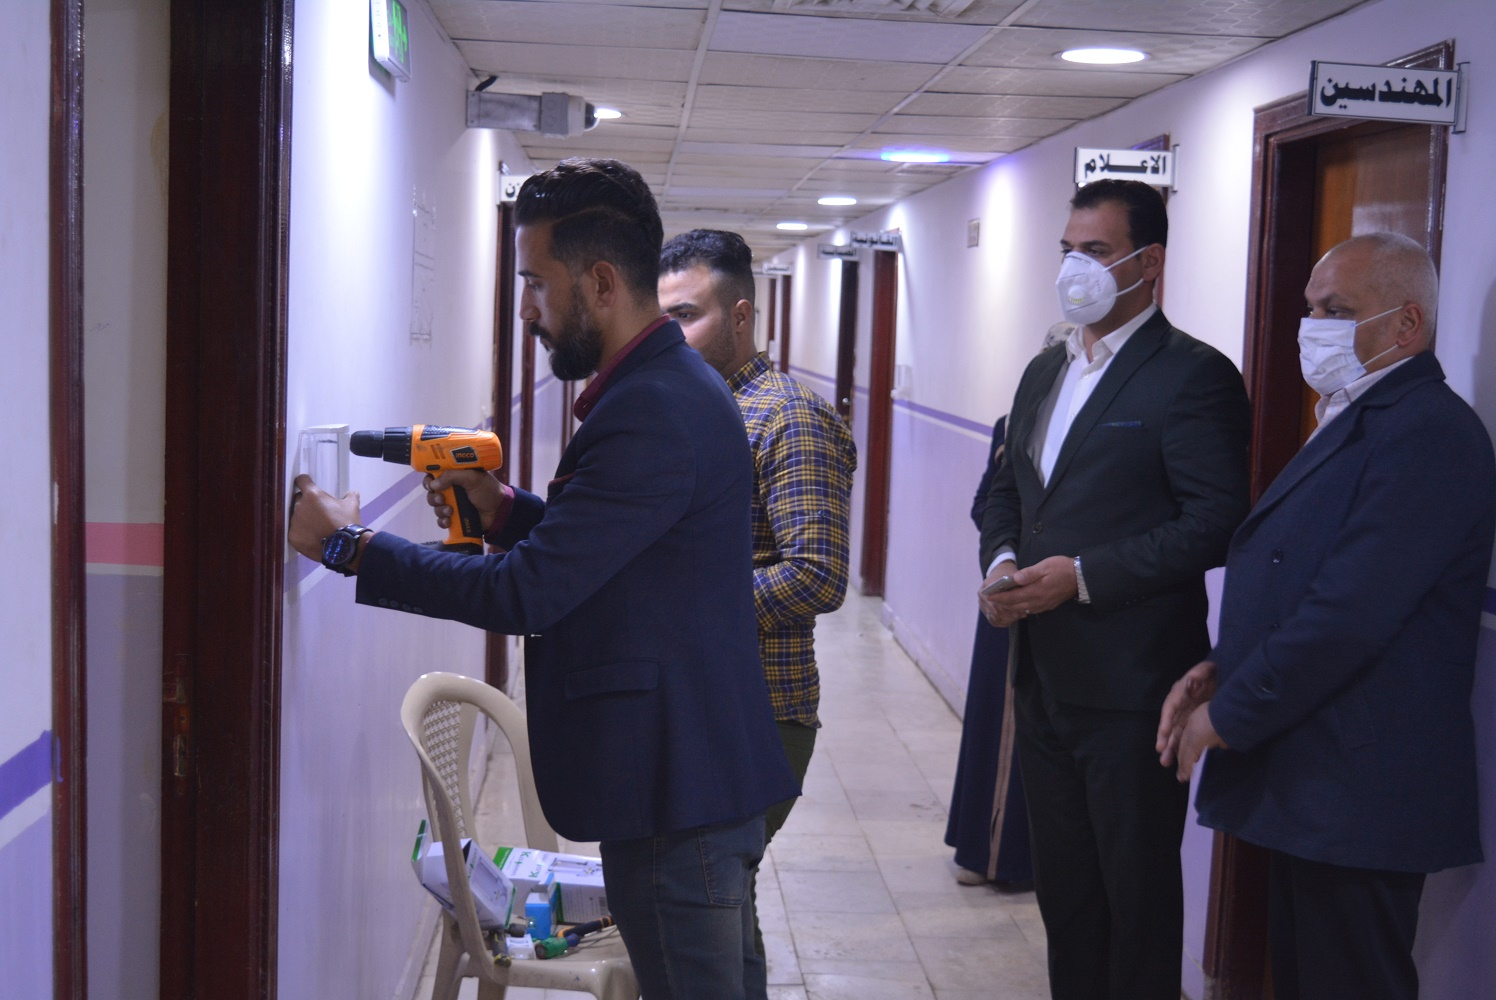 استمرار حملات التوعية الصحية والتعفيرية في قسم شؤون الاقسام الداخلية